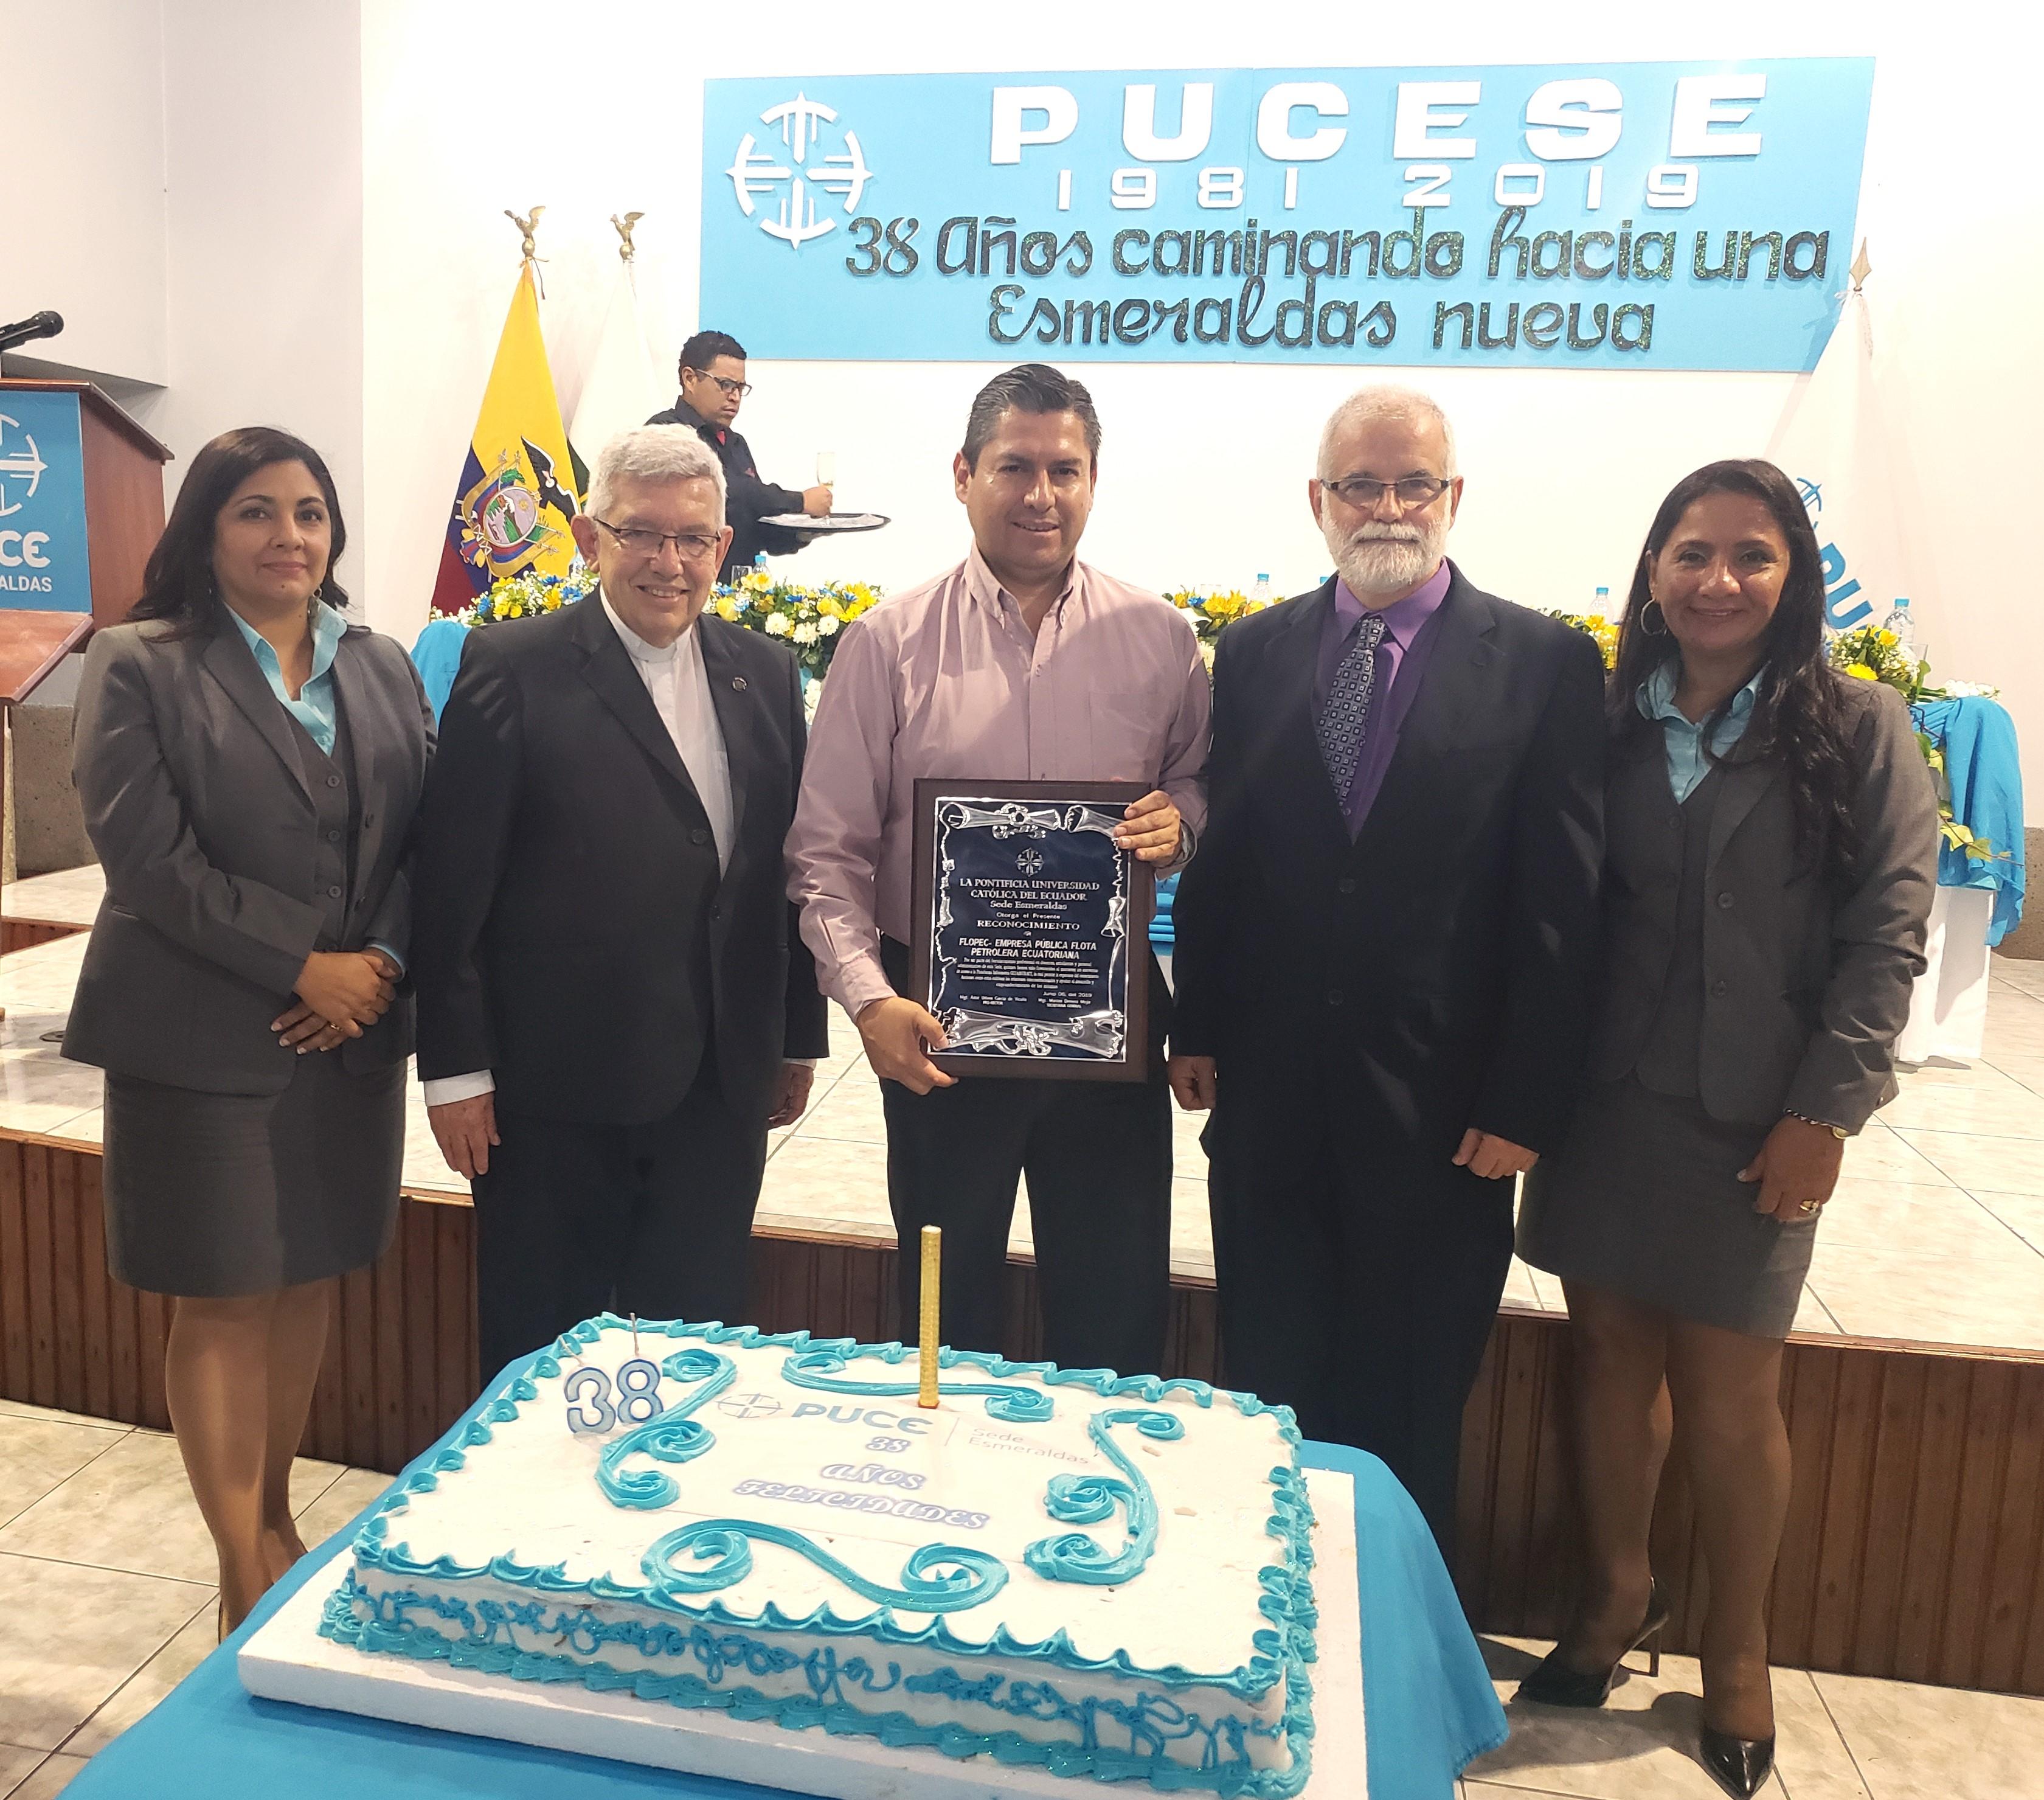 Foto: Gerente de Talento Humanode FLOPEC, junto a Dr. Fernando Barredo Heinert, Vicerrector de la PUCE y Lic. Aitor Urbina. Mgs, Pro Rector de la PUCESE